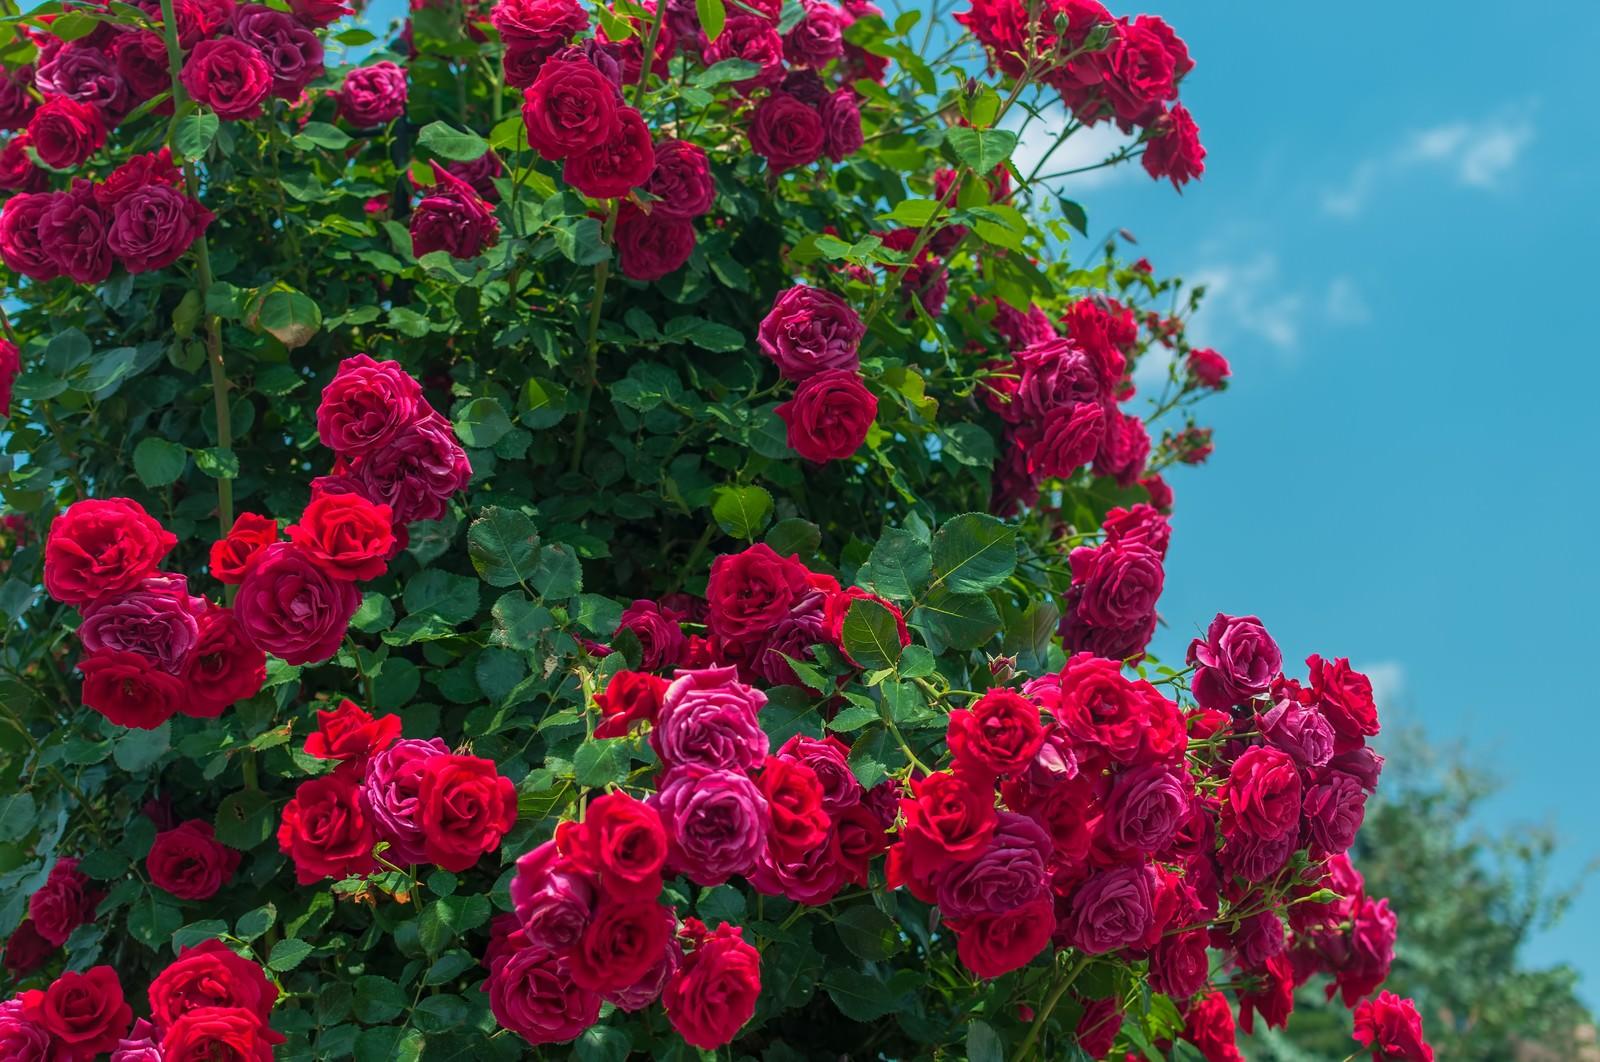 「赤いバラのオベリスク赤いバラのオベリスク」のフリー写真素材を拡大